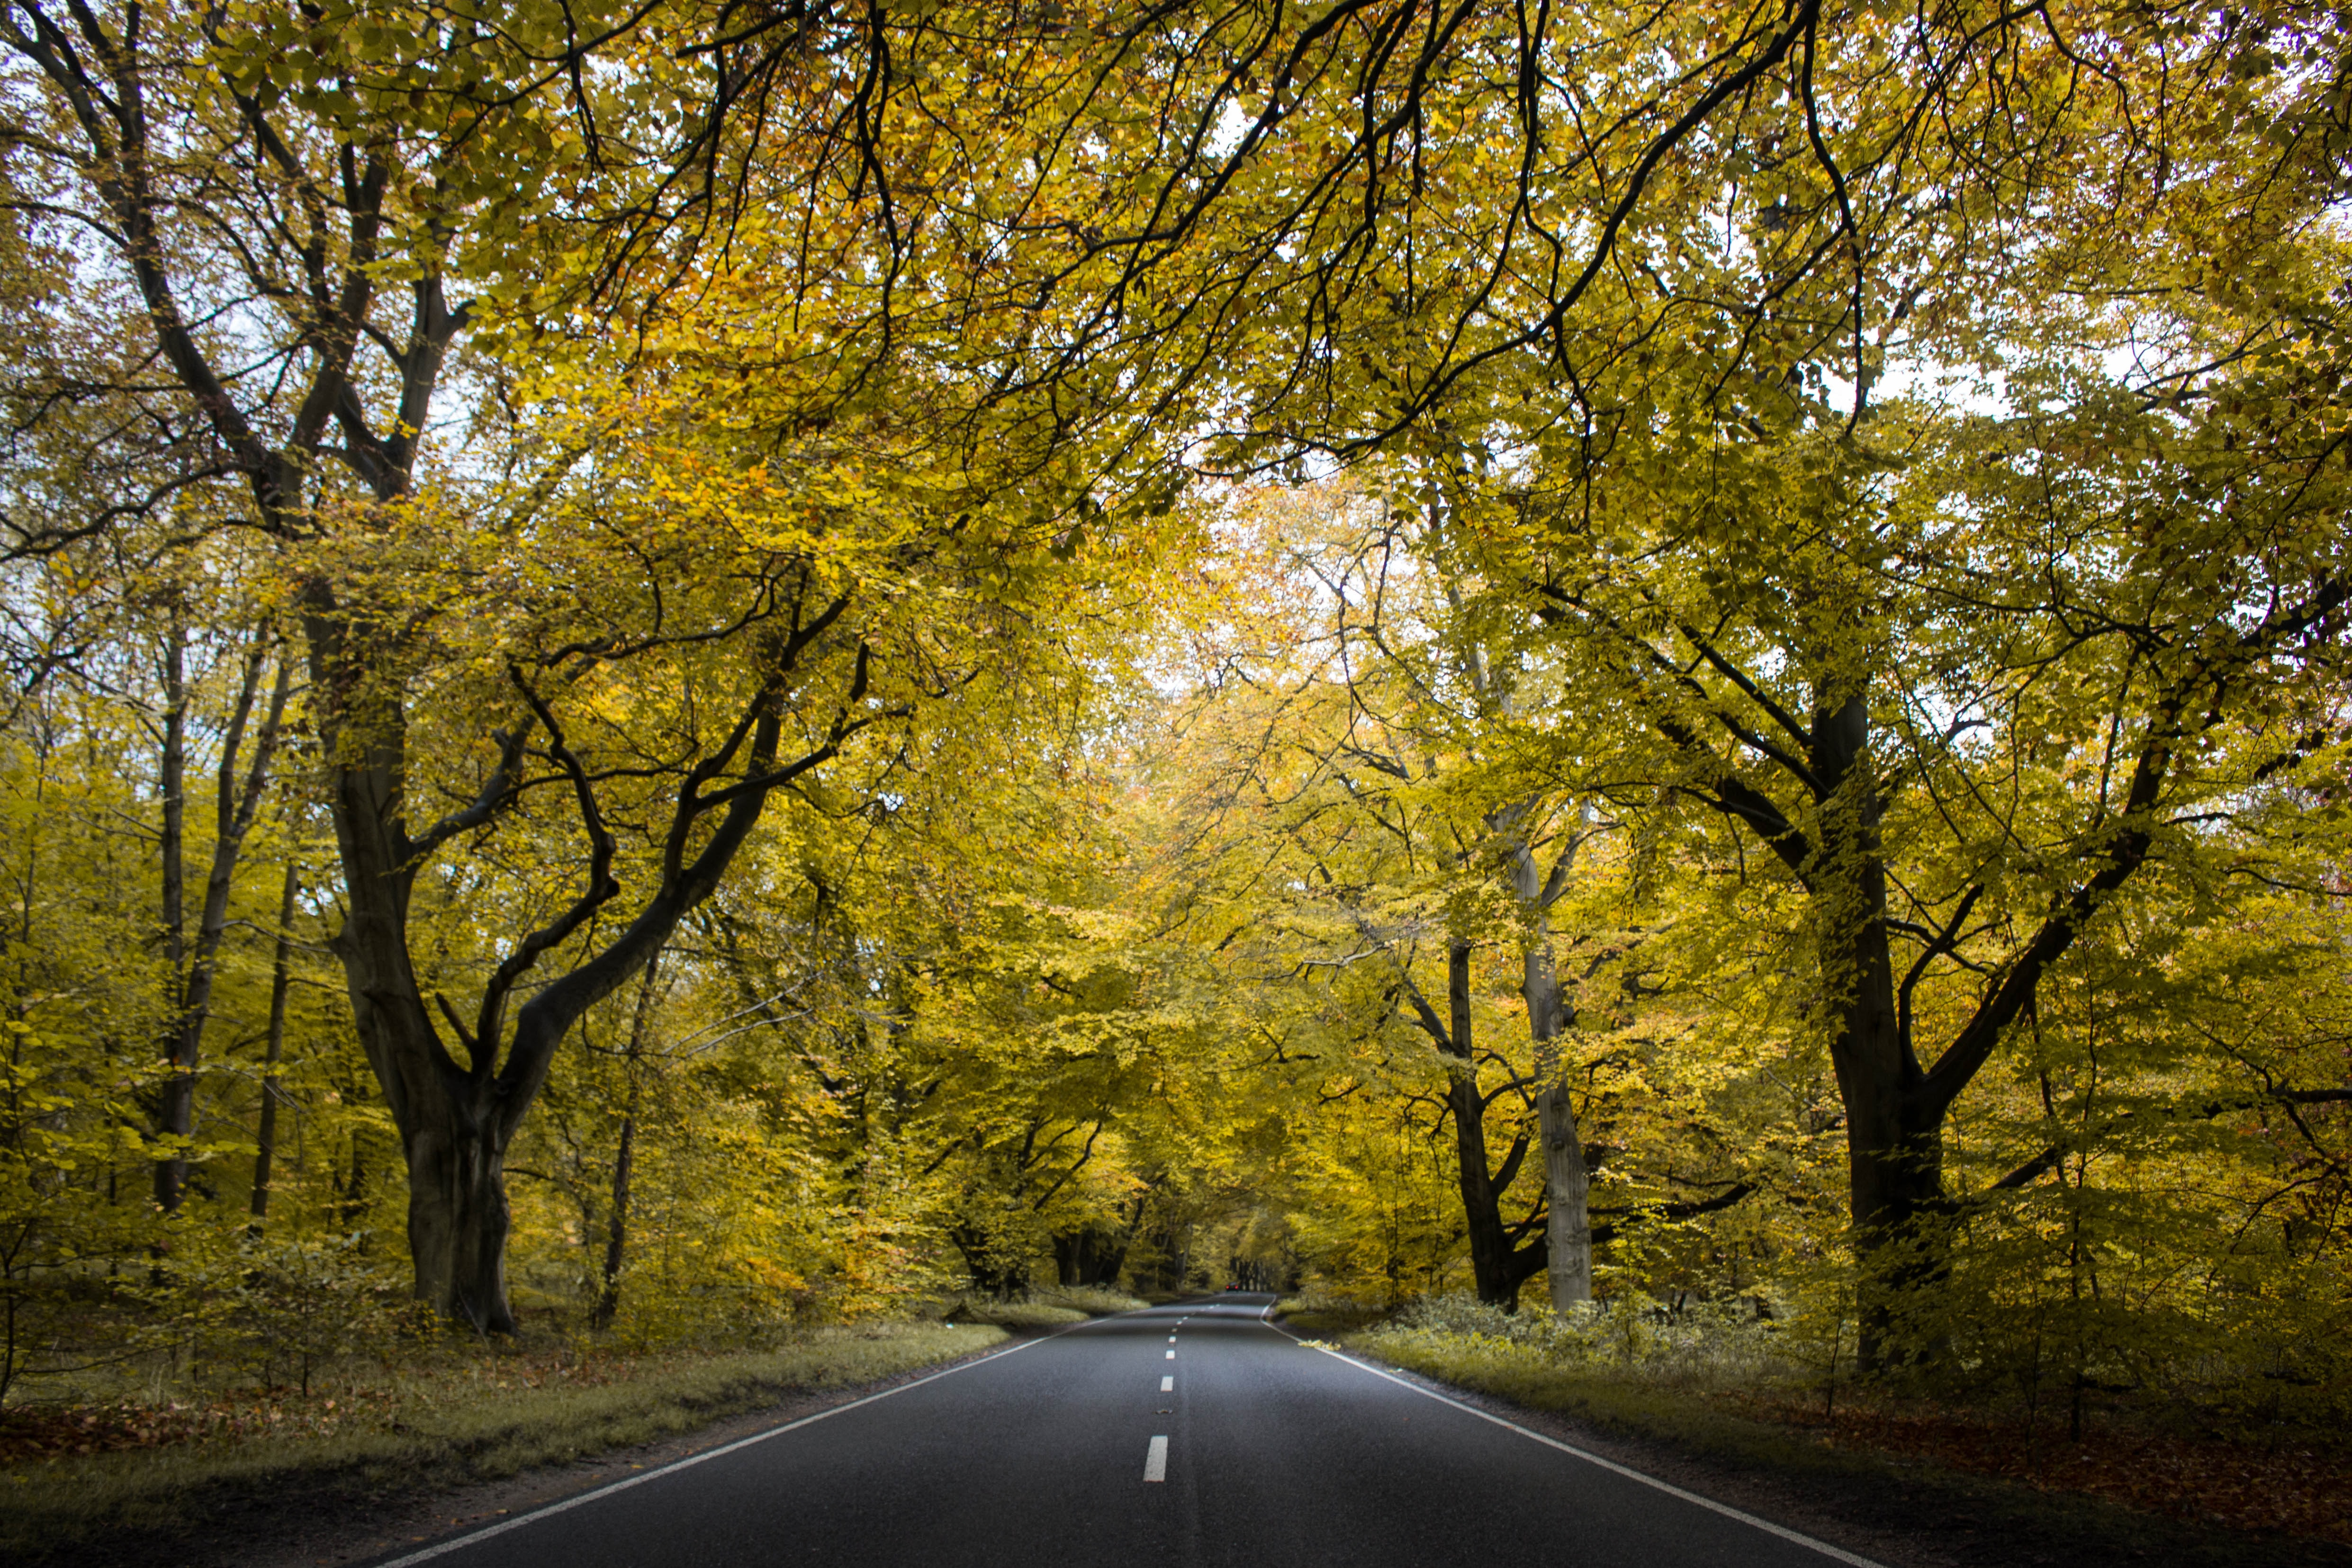 road between green tress